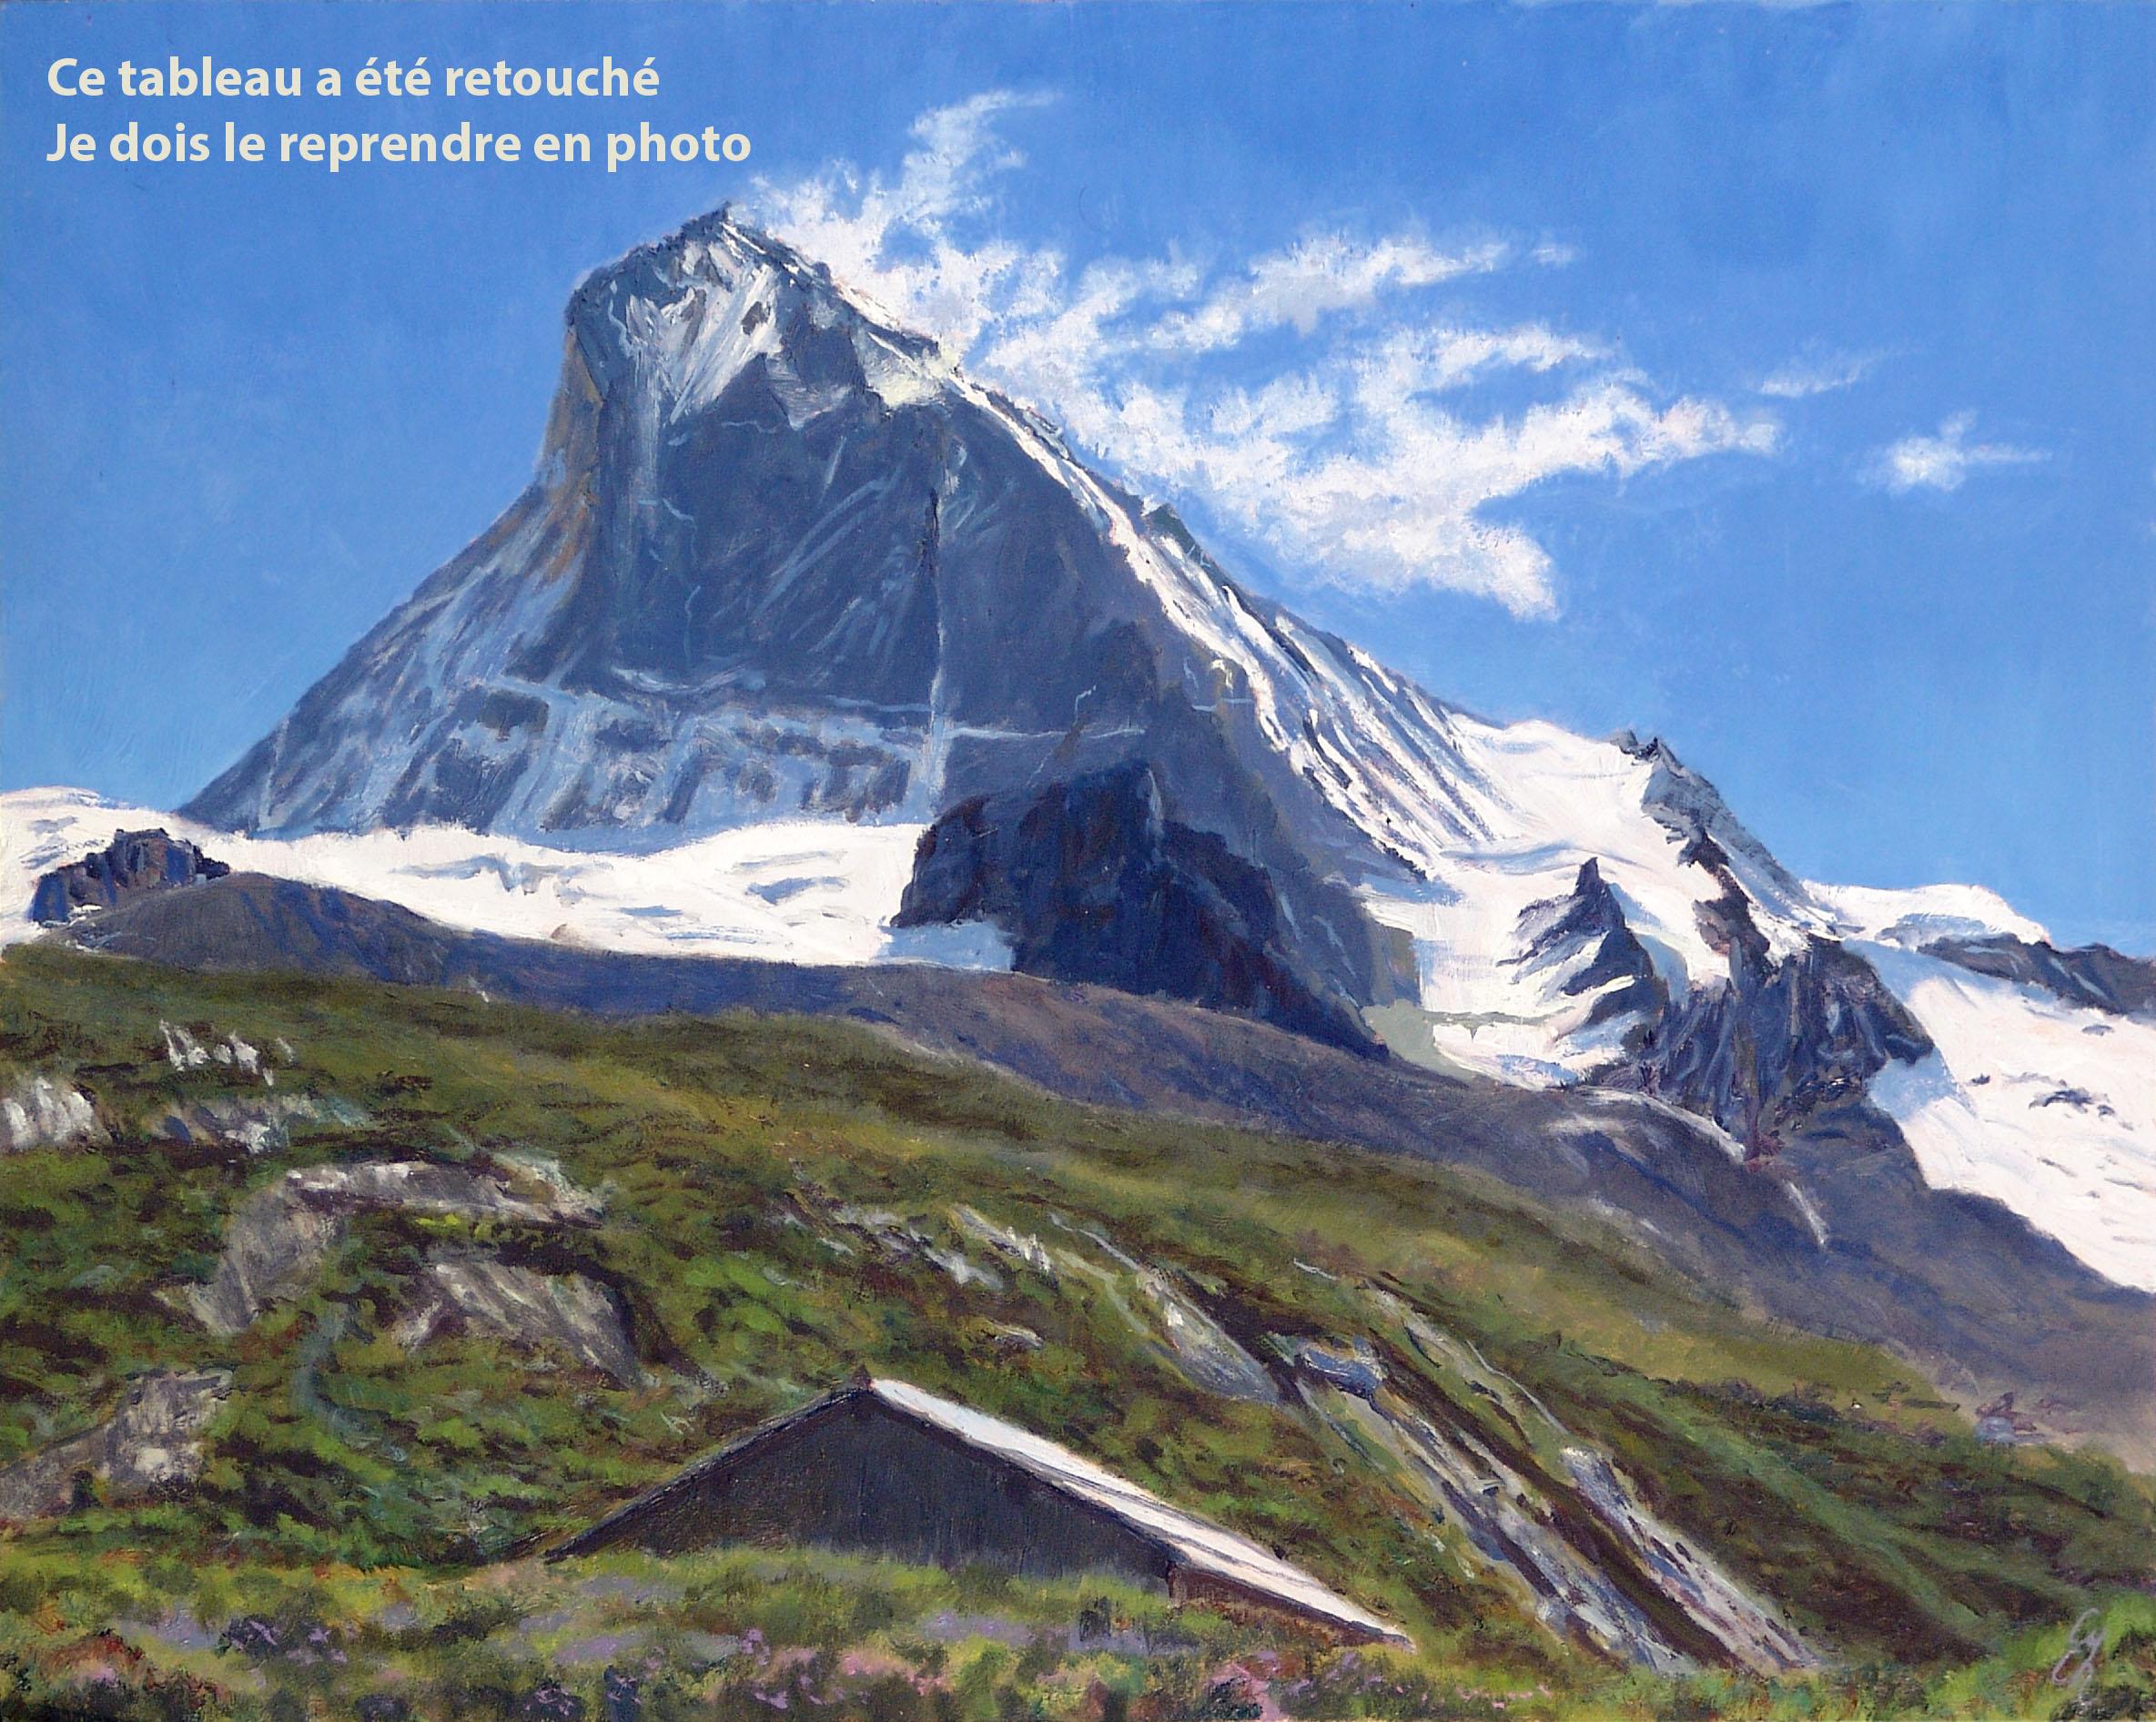 La Dent Blanche depuis Bricola Huile sur panneau contreplaqué peuplier 40 x 50 cm Cyril de Chambrier